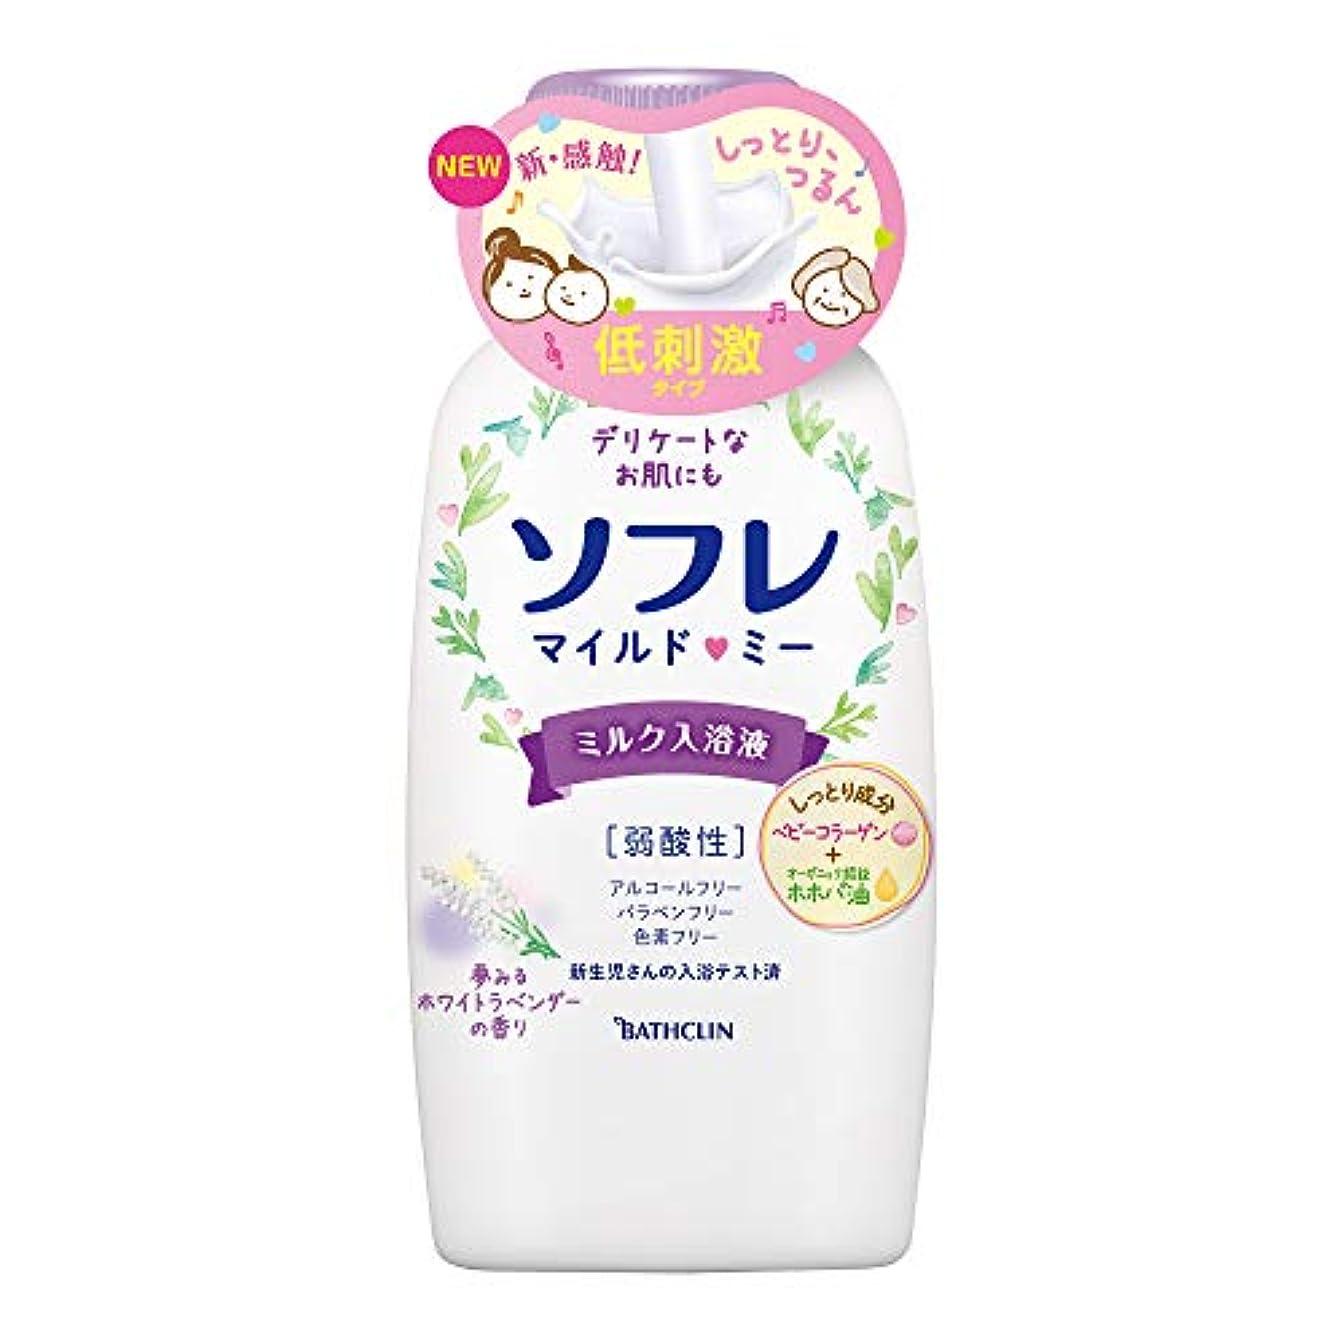 シェード飾り羽時間とともにバスクリン ソフレ入浴液 マイルド?ミー ミルク 夢みるホワイトラベンダーの香り 本体720mL保湿 成分配合 赤ちゃんと一緒に使えます。